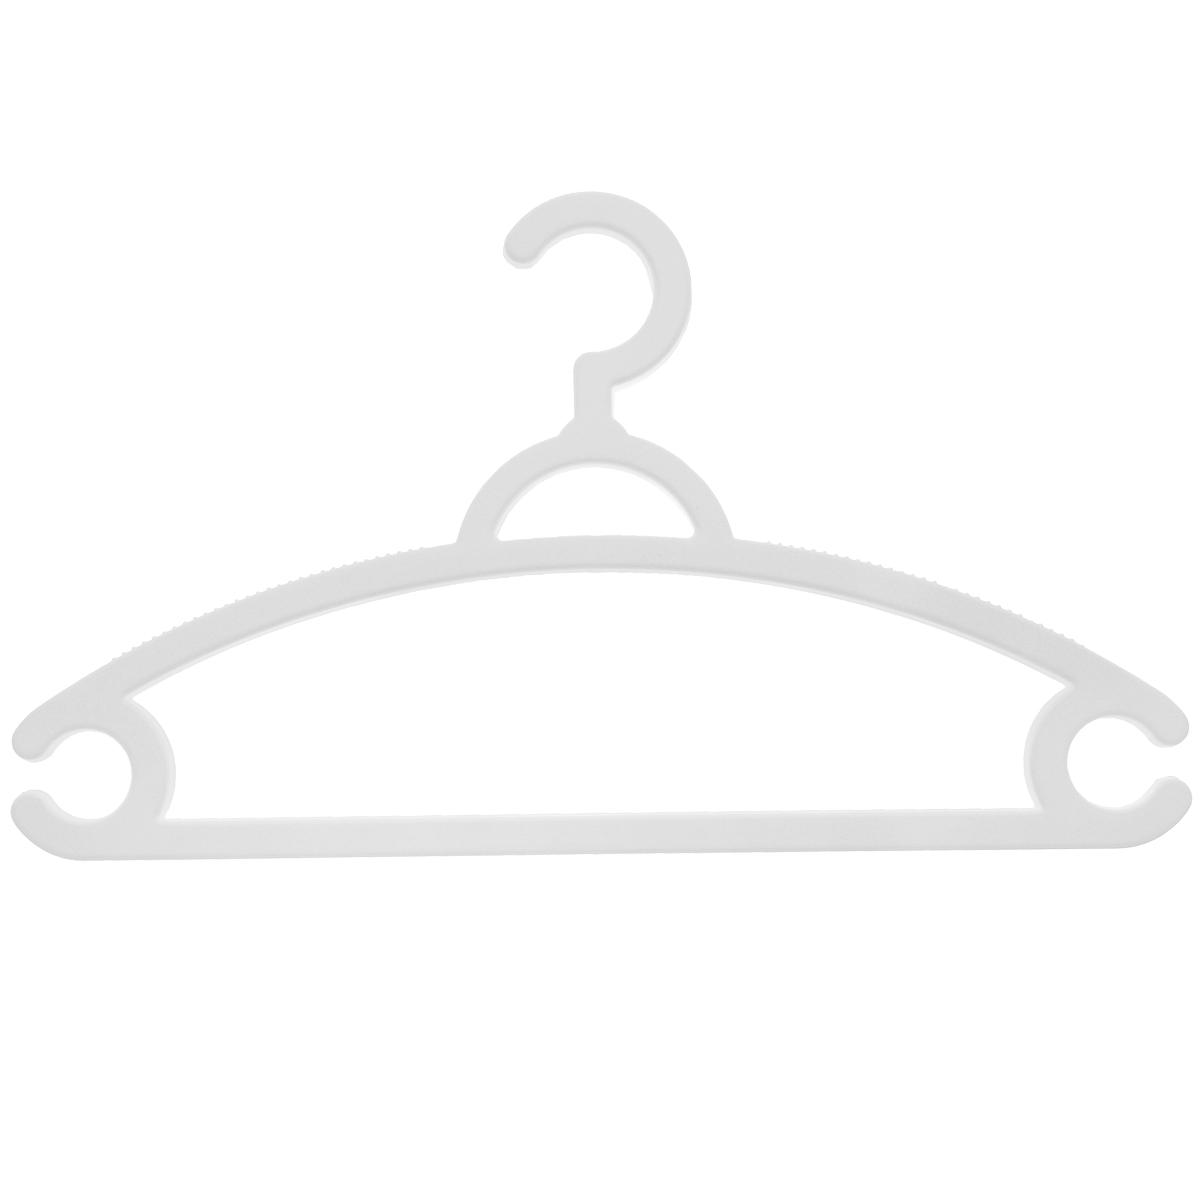 Набор вешалок для легкой одежды М-пластика, цвет: белый, 3 шт набор вешалок для одежды home queen цветы цвет голубой белый 3 шт